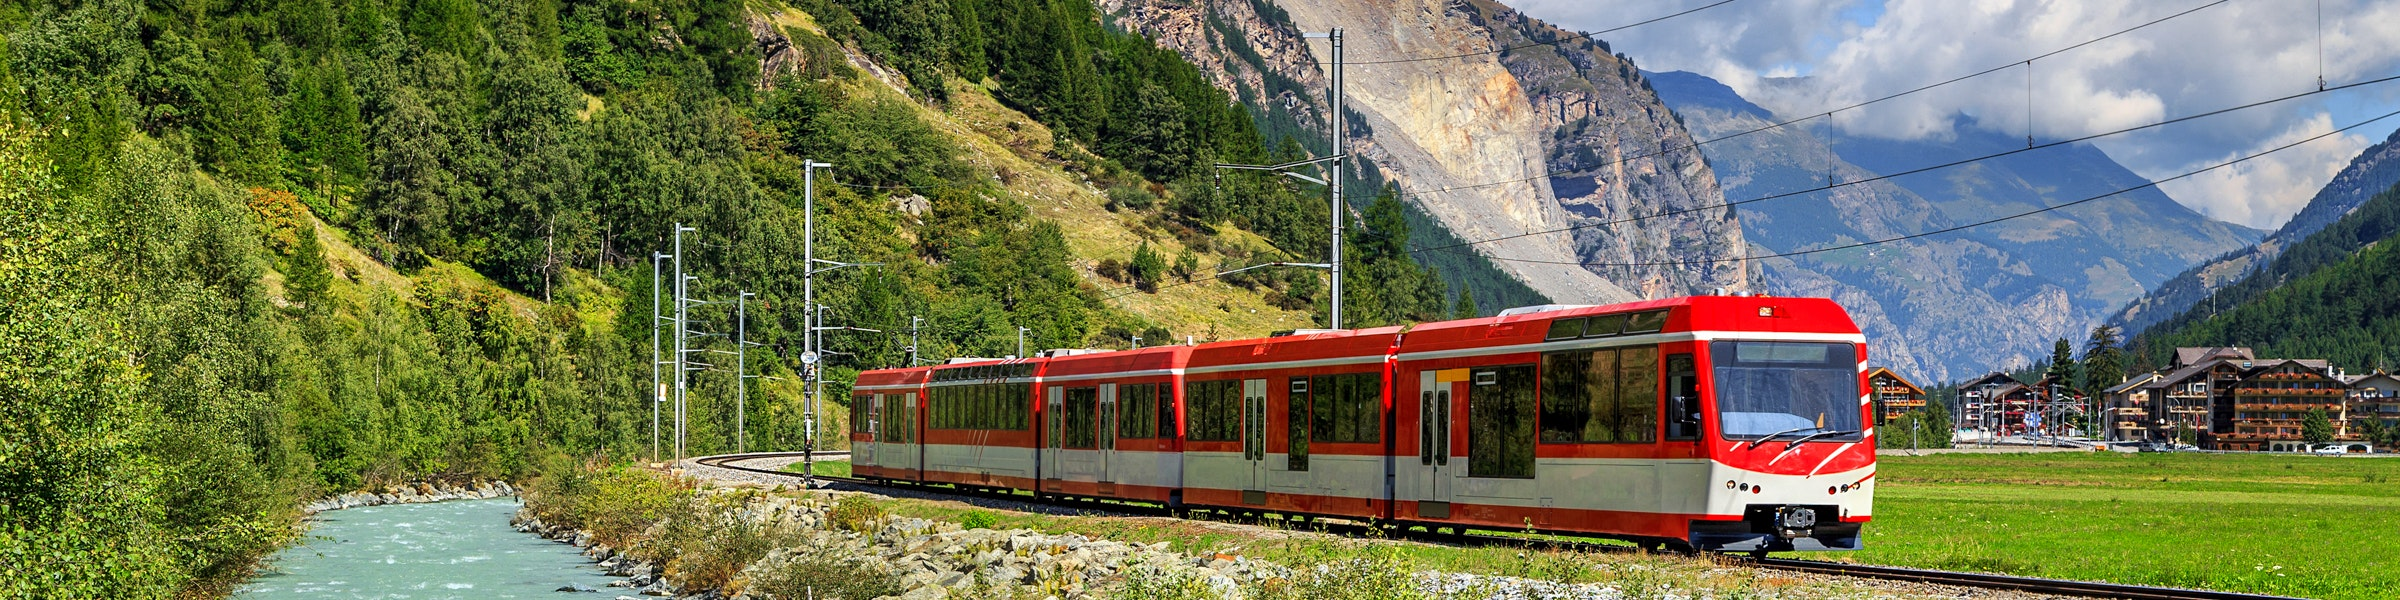 Täsch Zermatt train